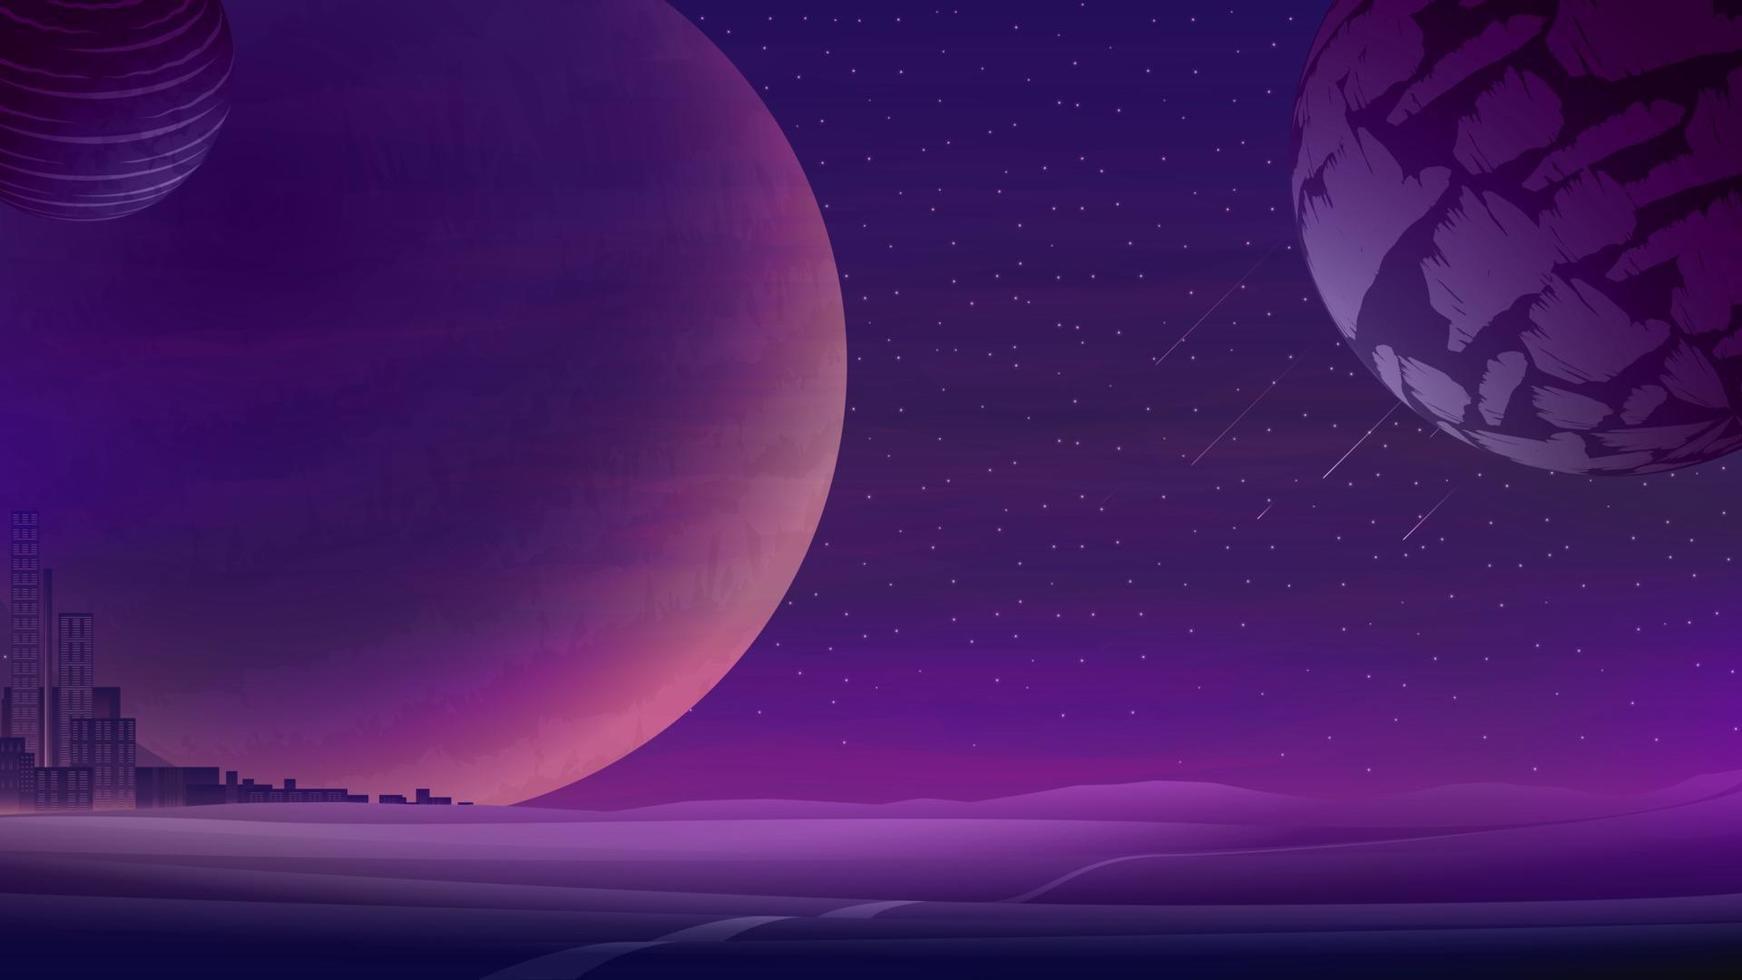 paisagem do espaço com grandes planetas no céu estrelado roxo e cidade no horizonte, a natureza em outro planeta. ilustração vetorial. vetor